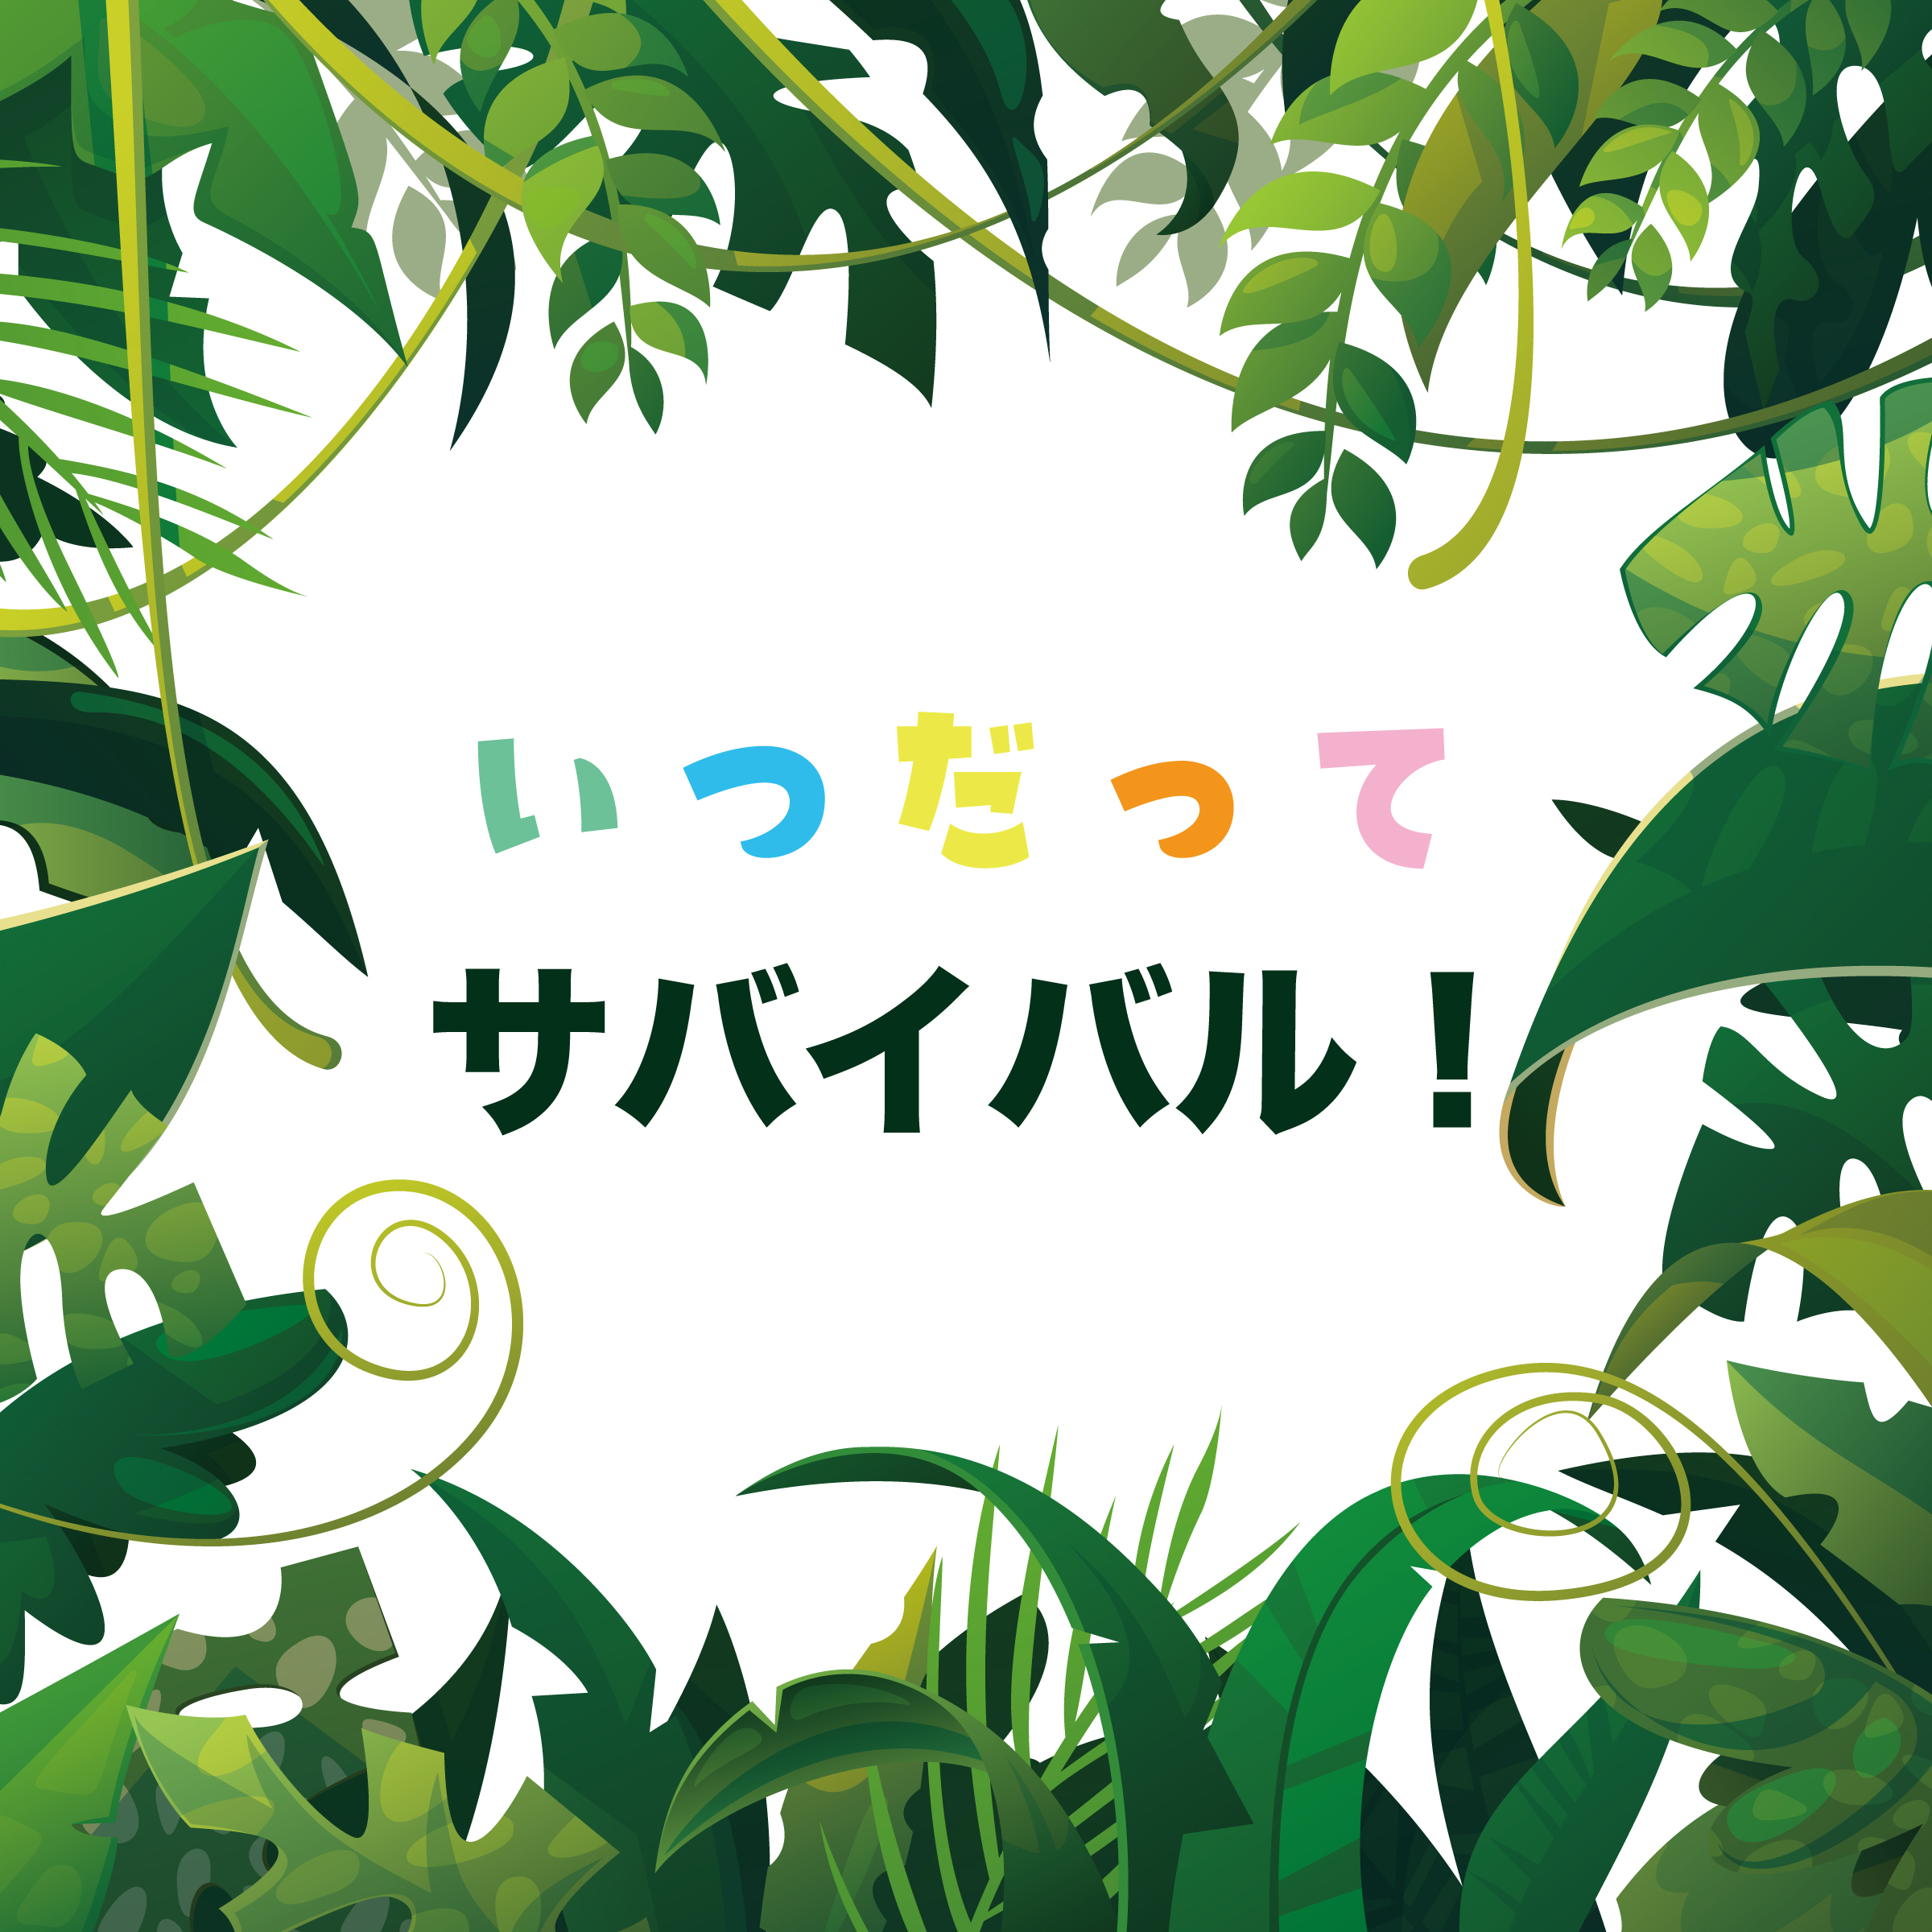 大原ゆい子さん<br>映画『深海のサバイバル!』主題歌「いつだってサバイバル!」が配信開始されました!